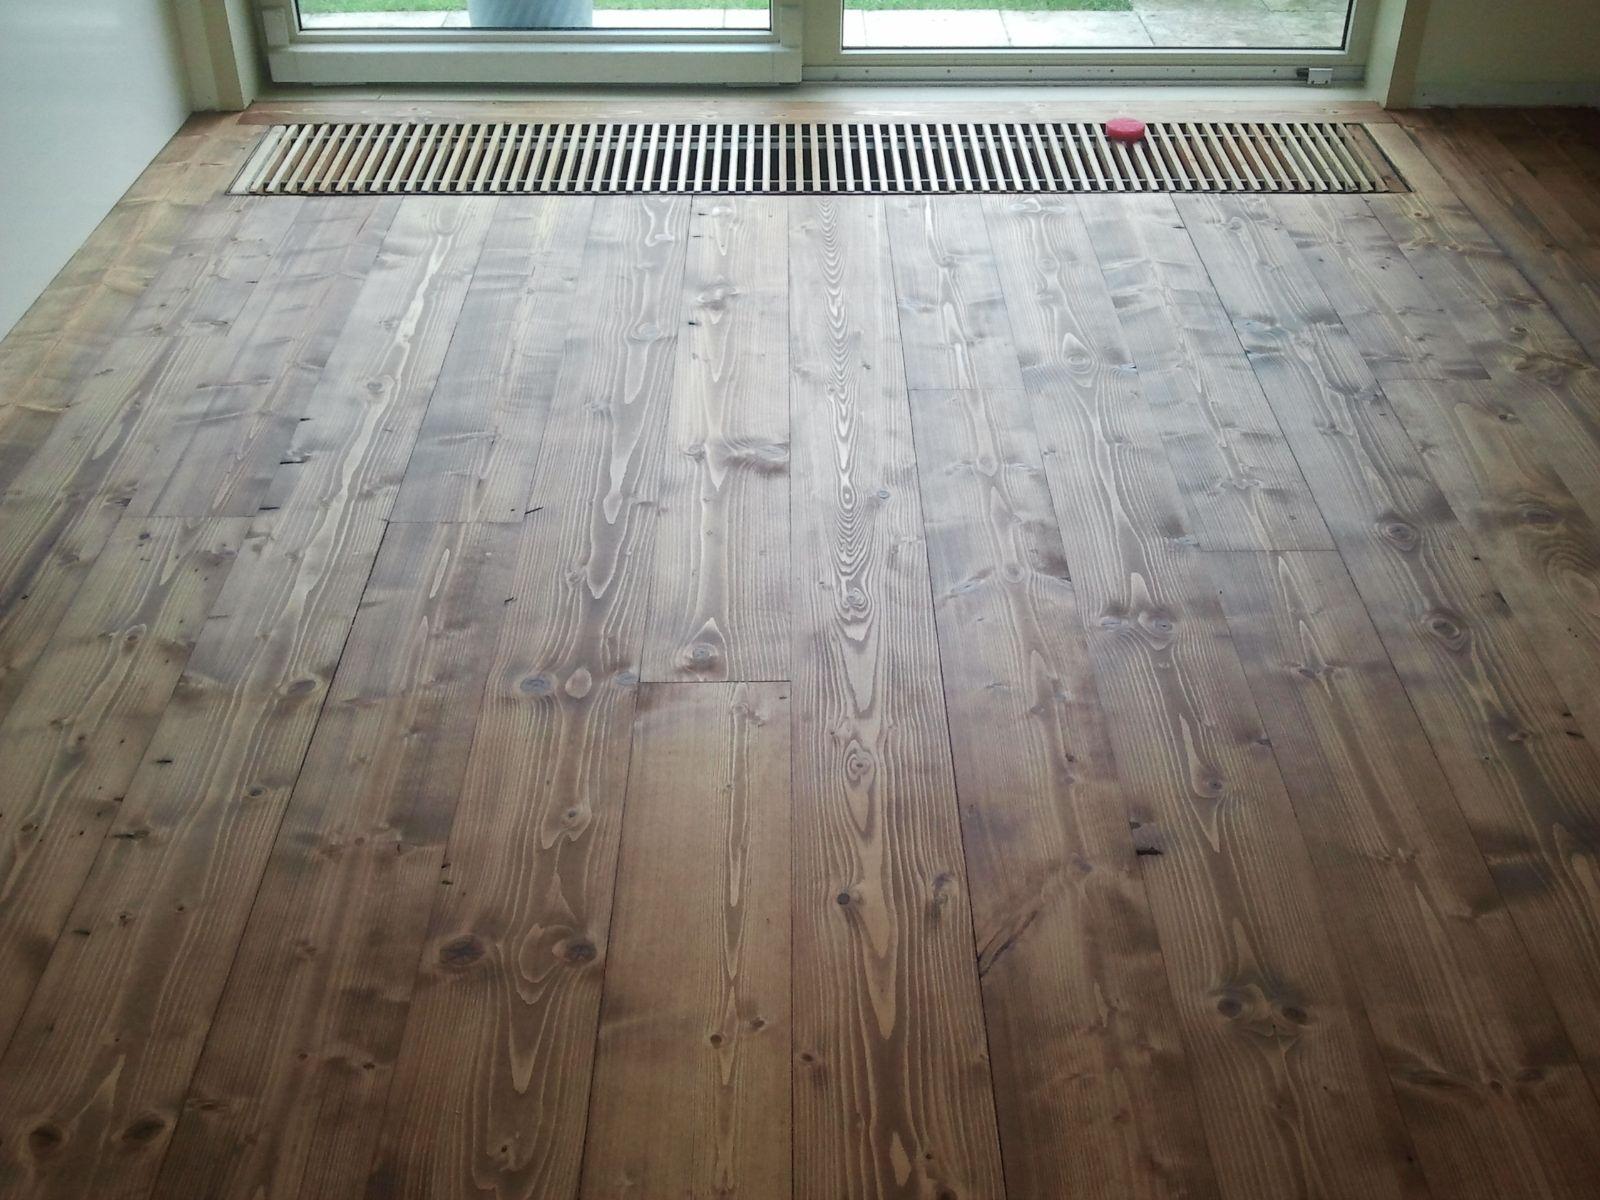 grenen plankenvloer gekleurd onderhoud van parket pinterest